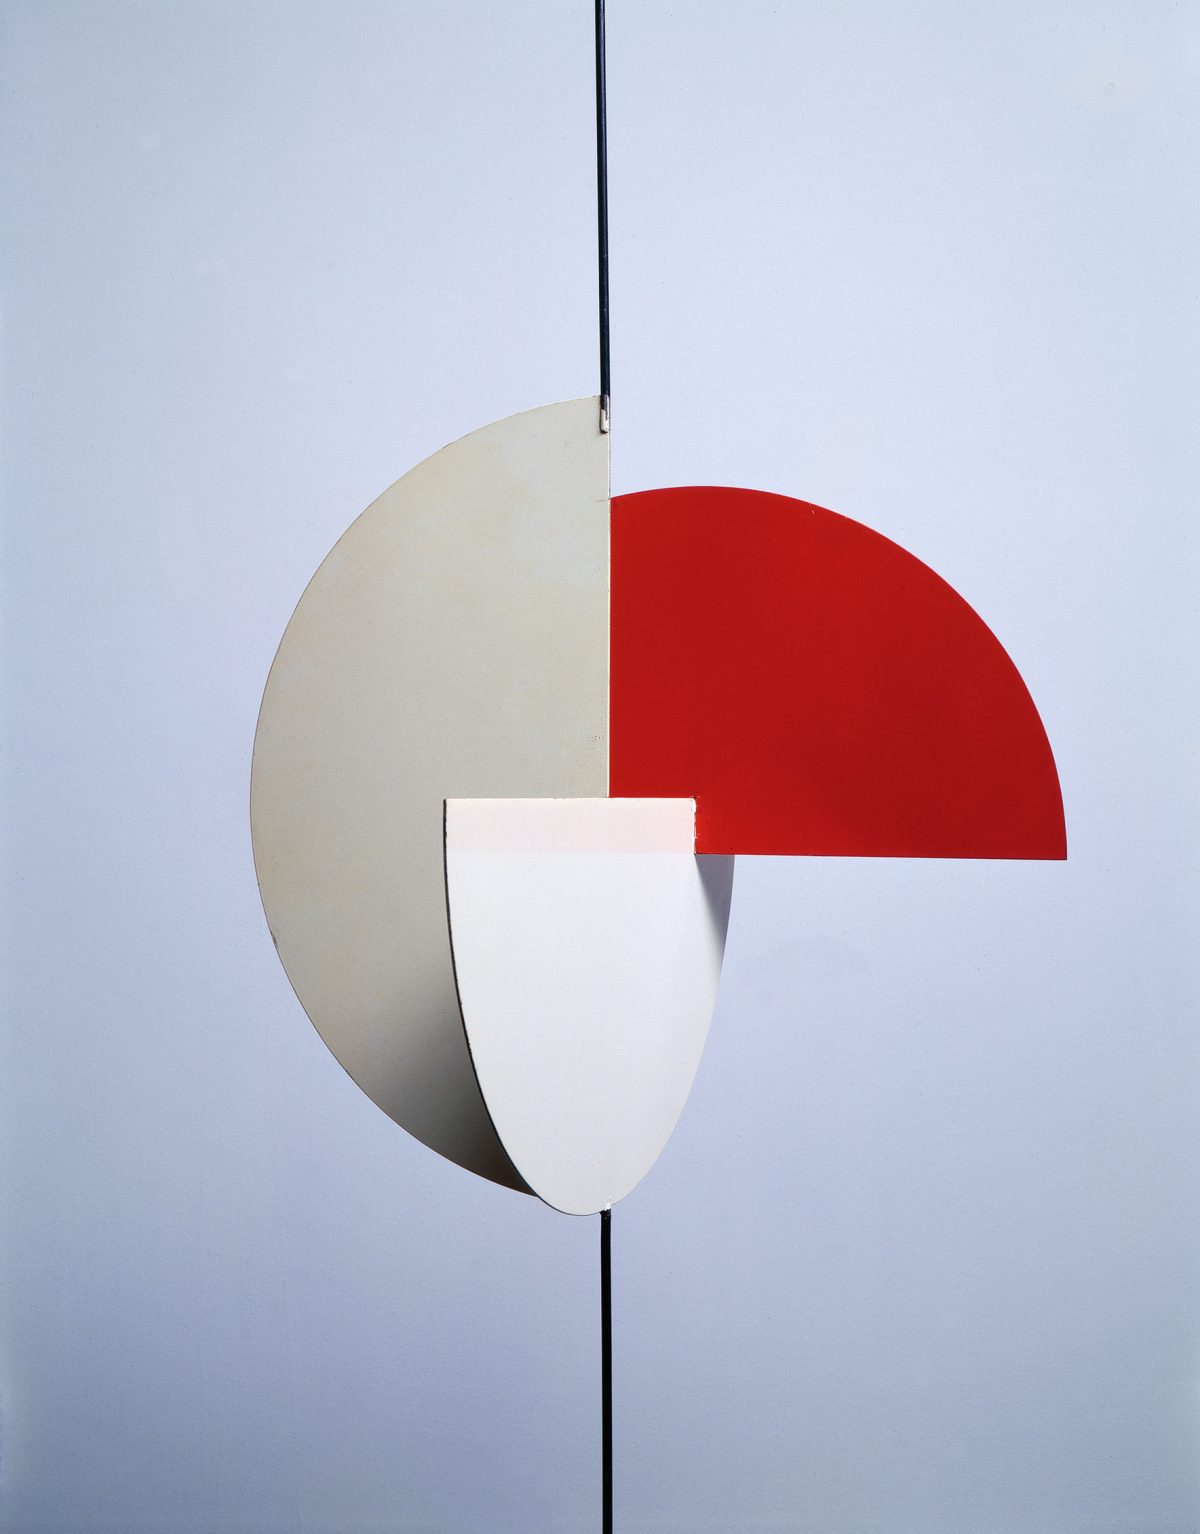 Archétype, trois demi-cercles, 1958, Denis Juneau, Acier peint.